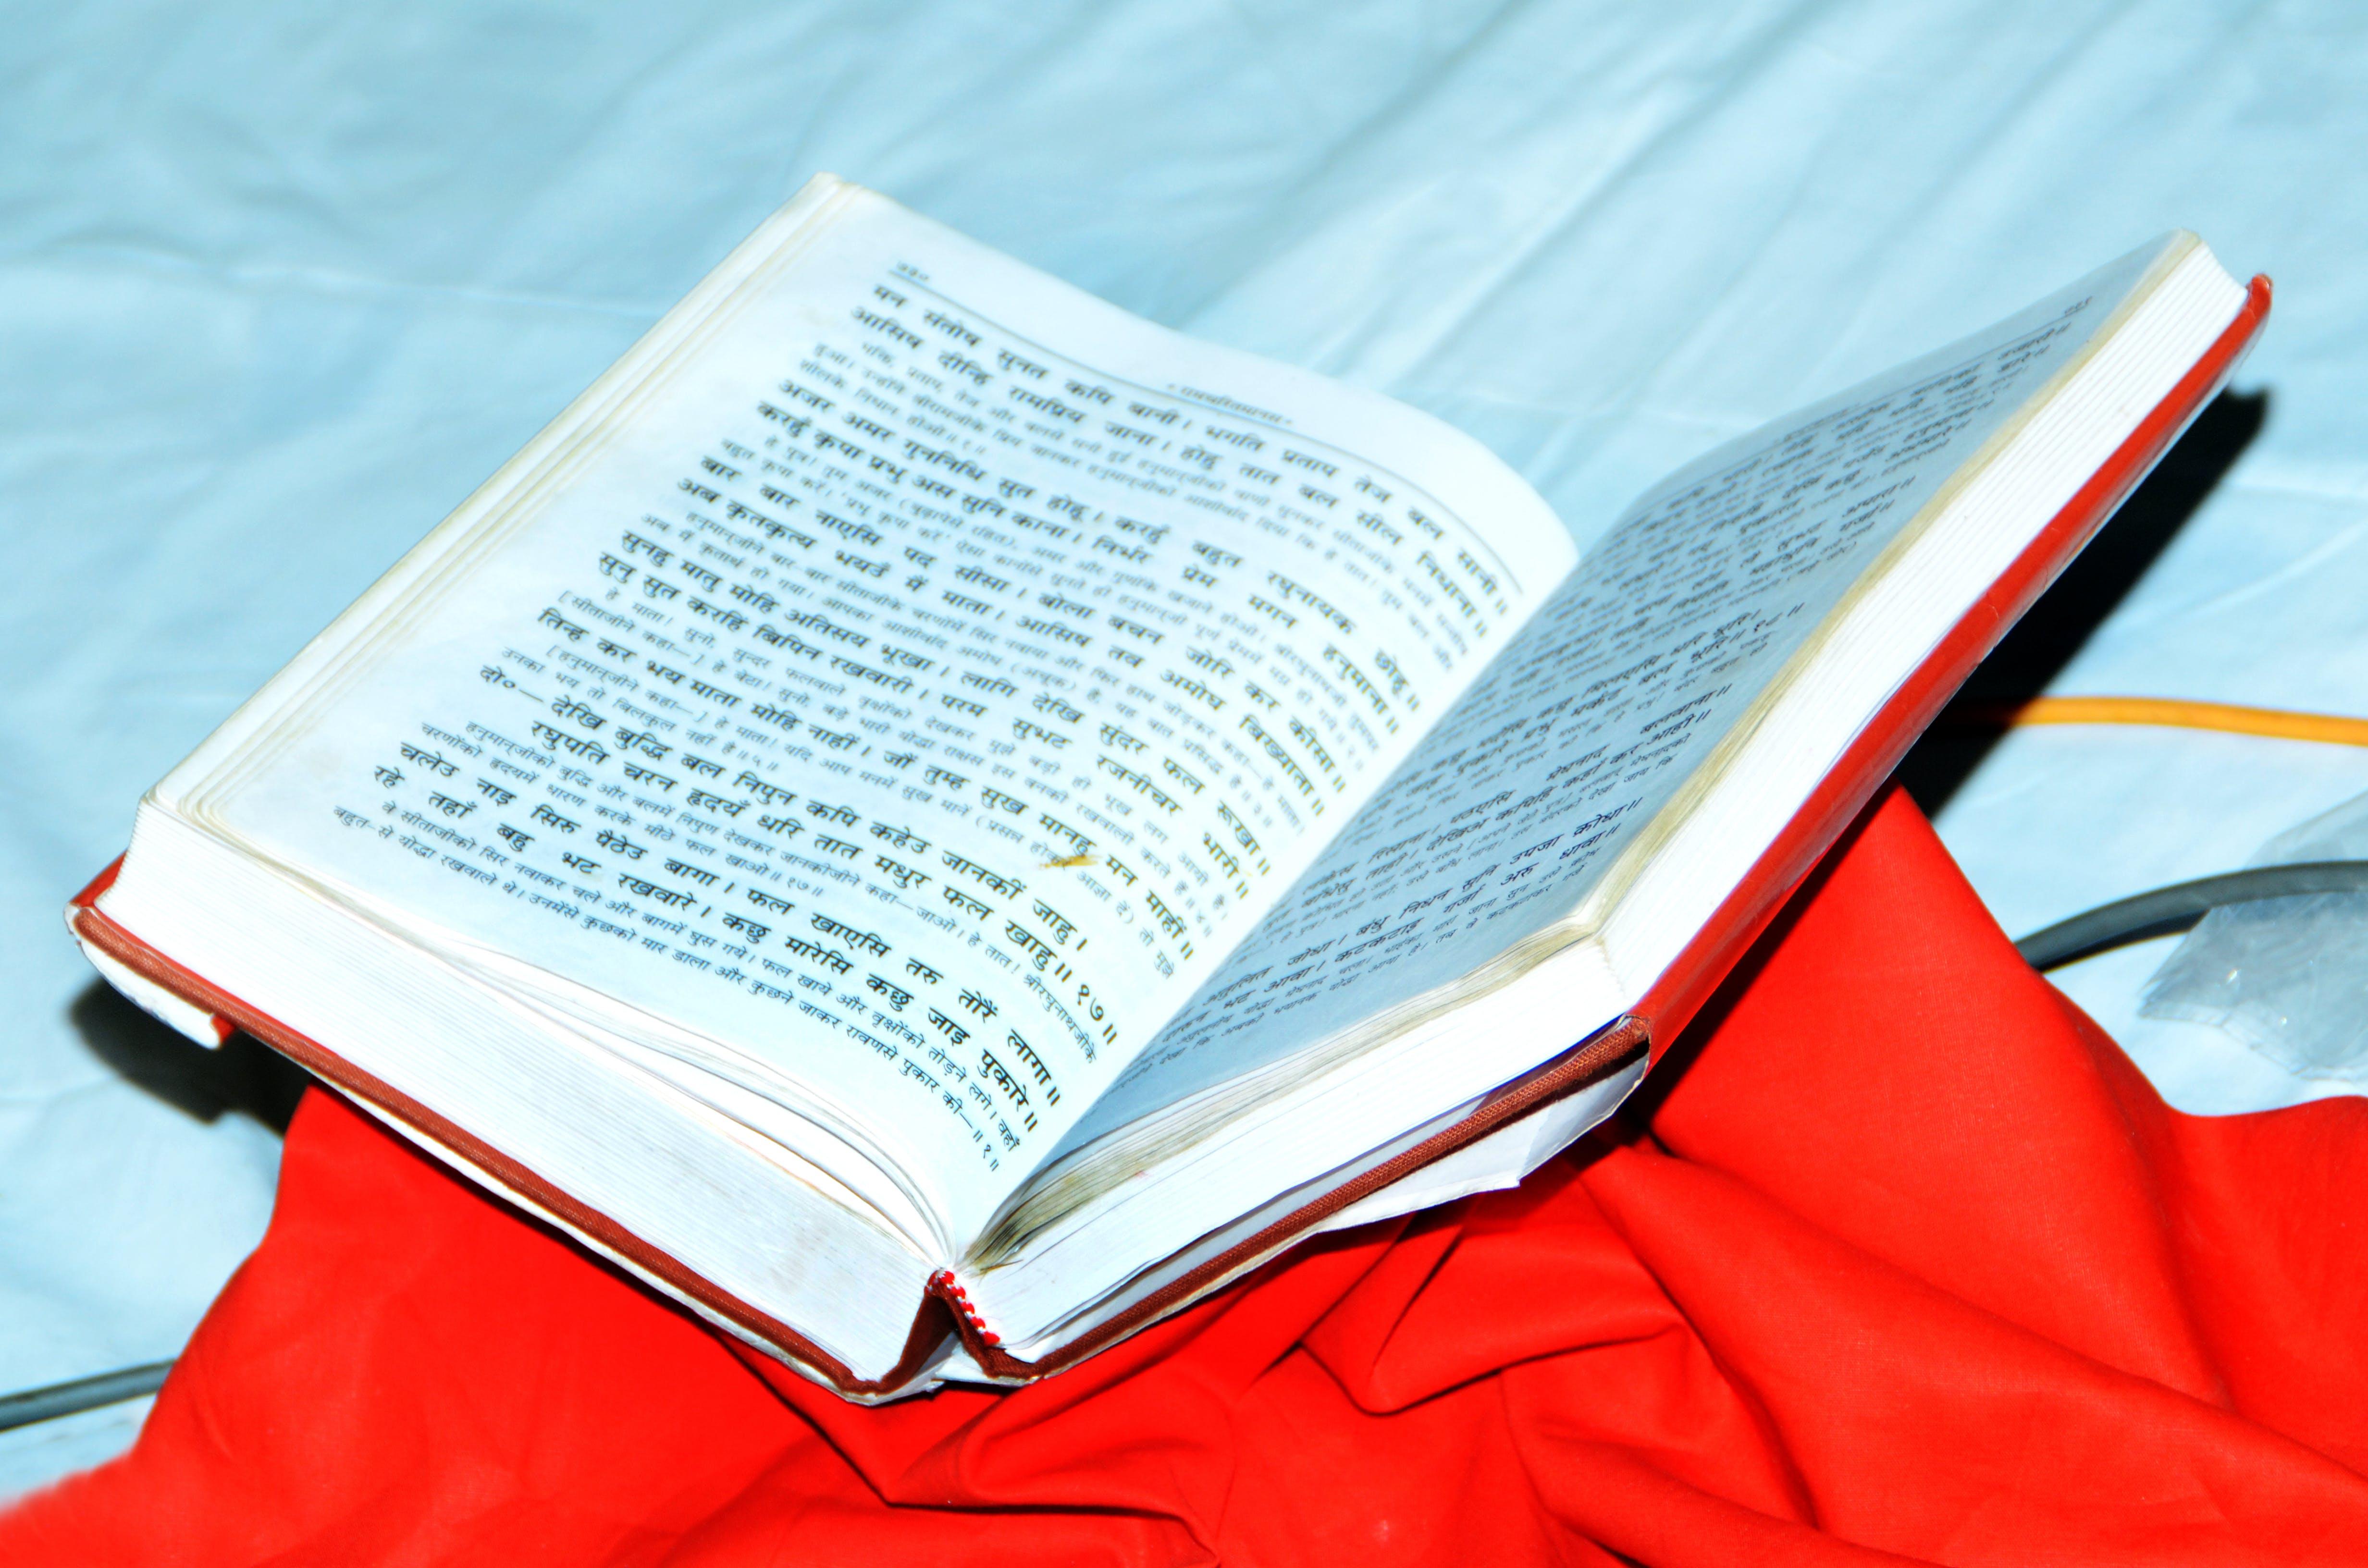 Δωρεάν στοκ φωτογραφιών με ramayan, κόκκινο, λευκός, παλιά γράμματα